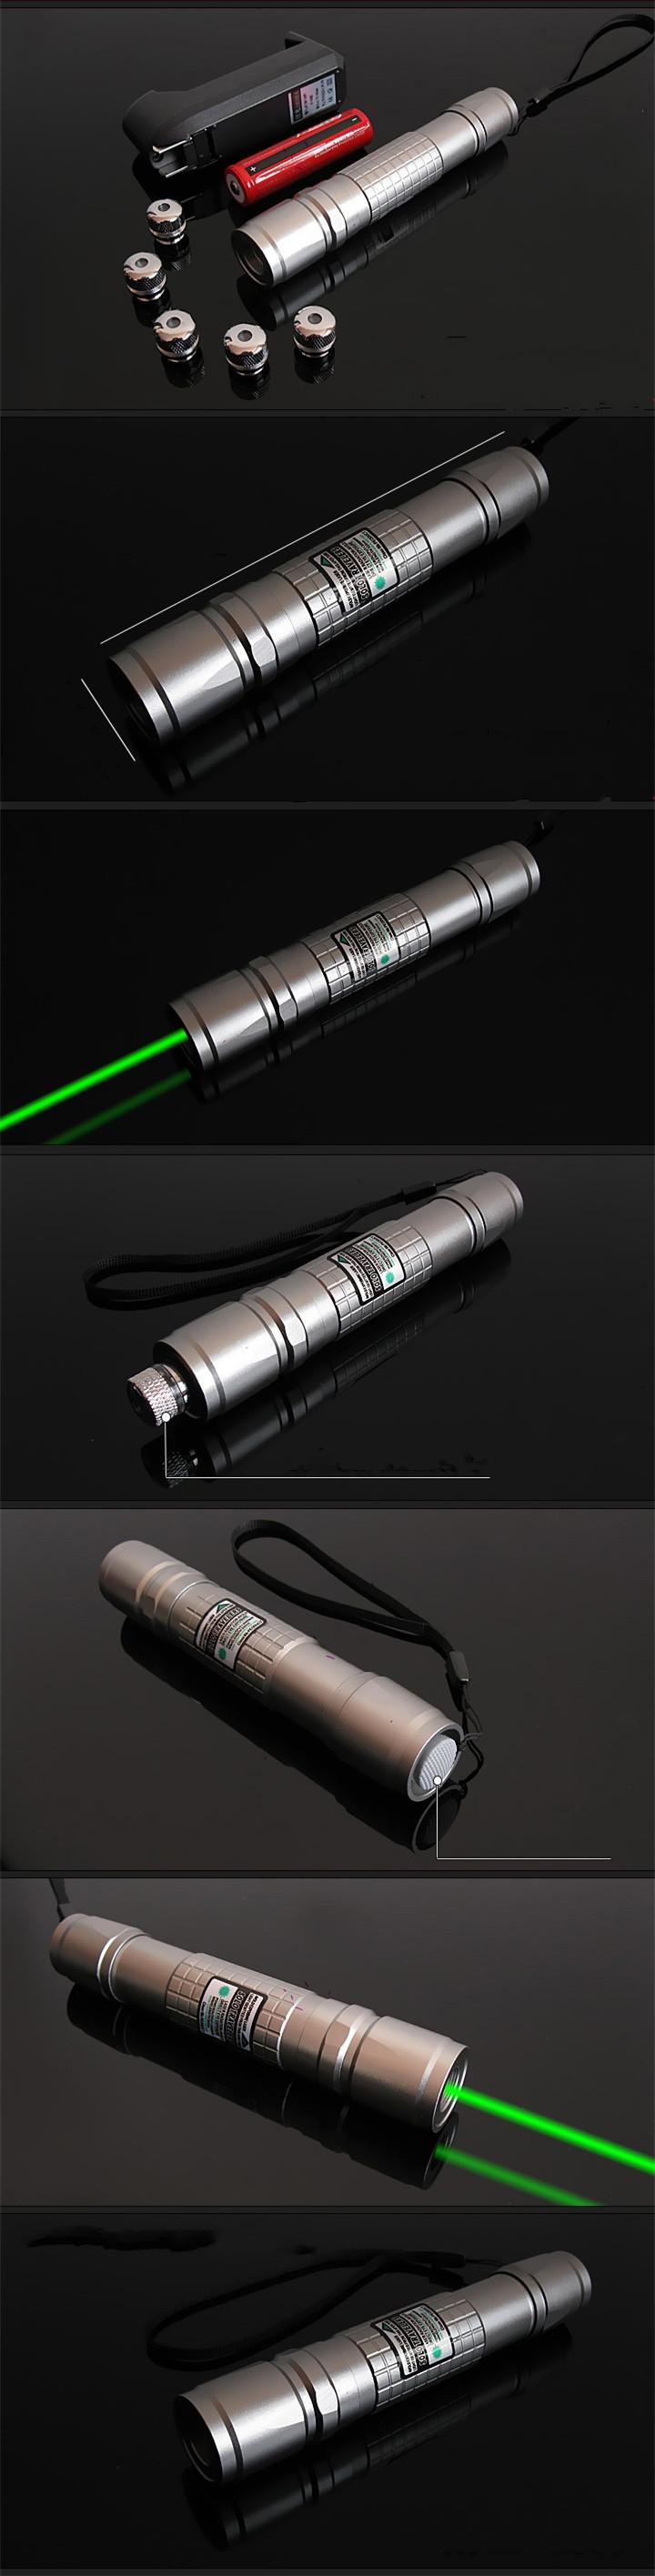 laser 300mw